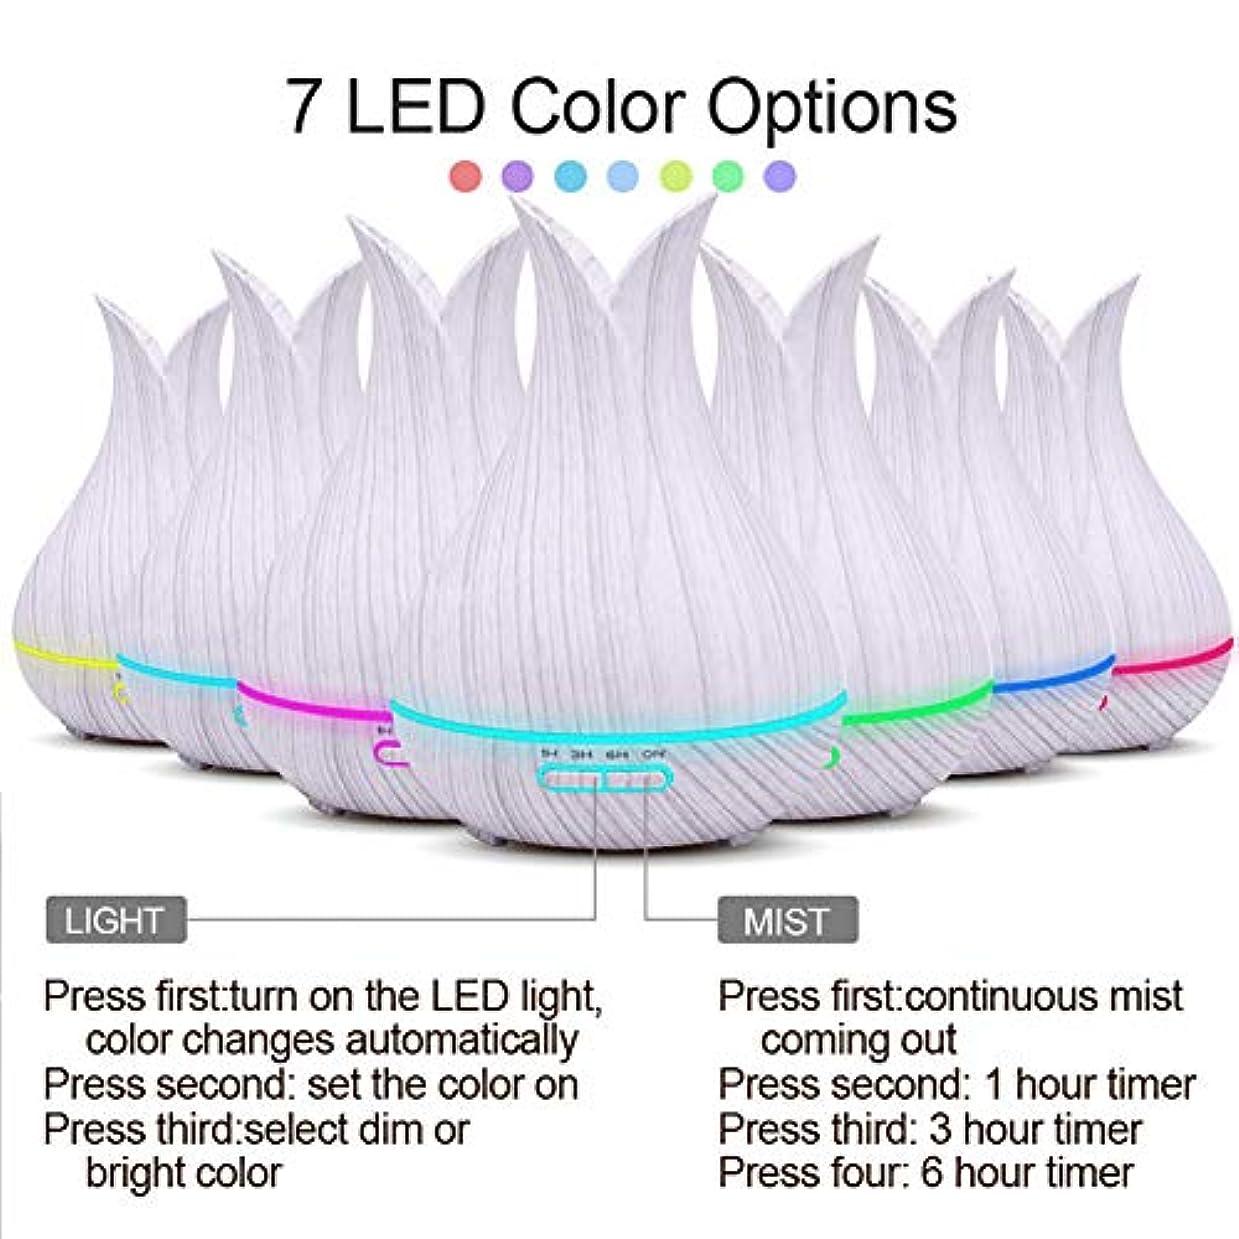 脚本申請者透明にエッセンシャルオイルディフューザーと加湿器、ミストエッセンシャルオイルアロマ加湿器のための超音波アロマセラピーディフューザー、400ミリリットル水タンク7色LEDライト,White